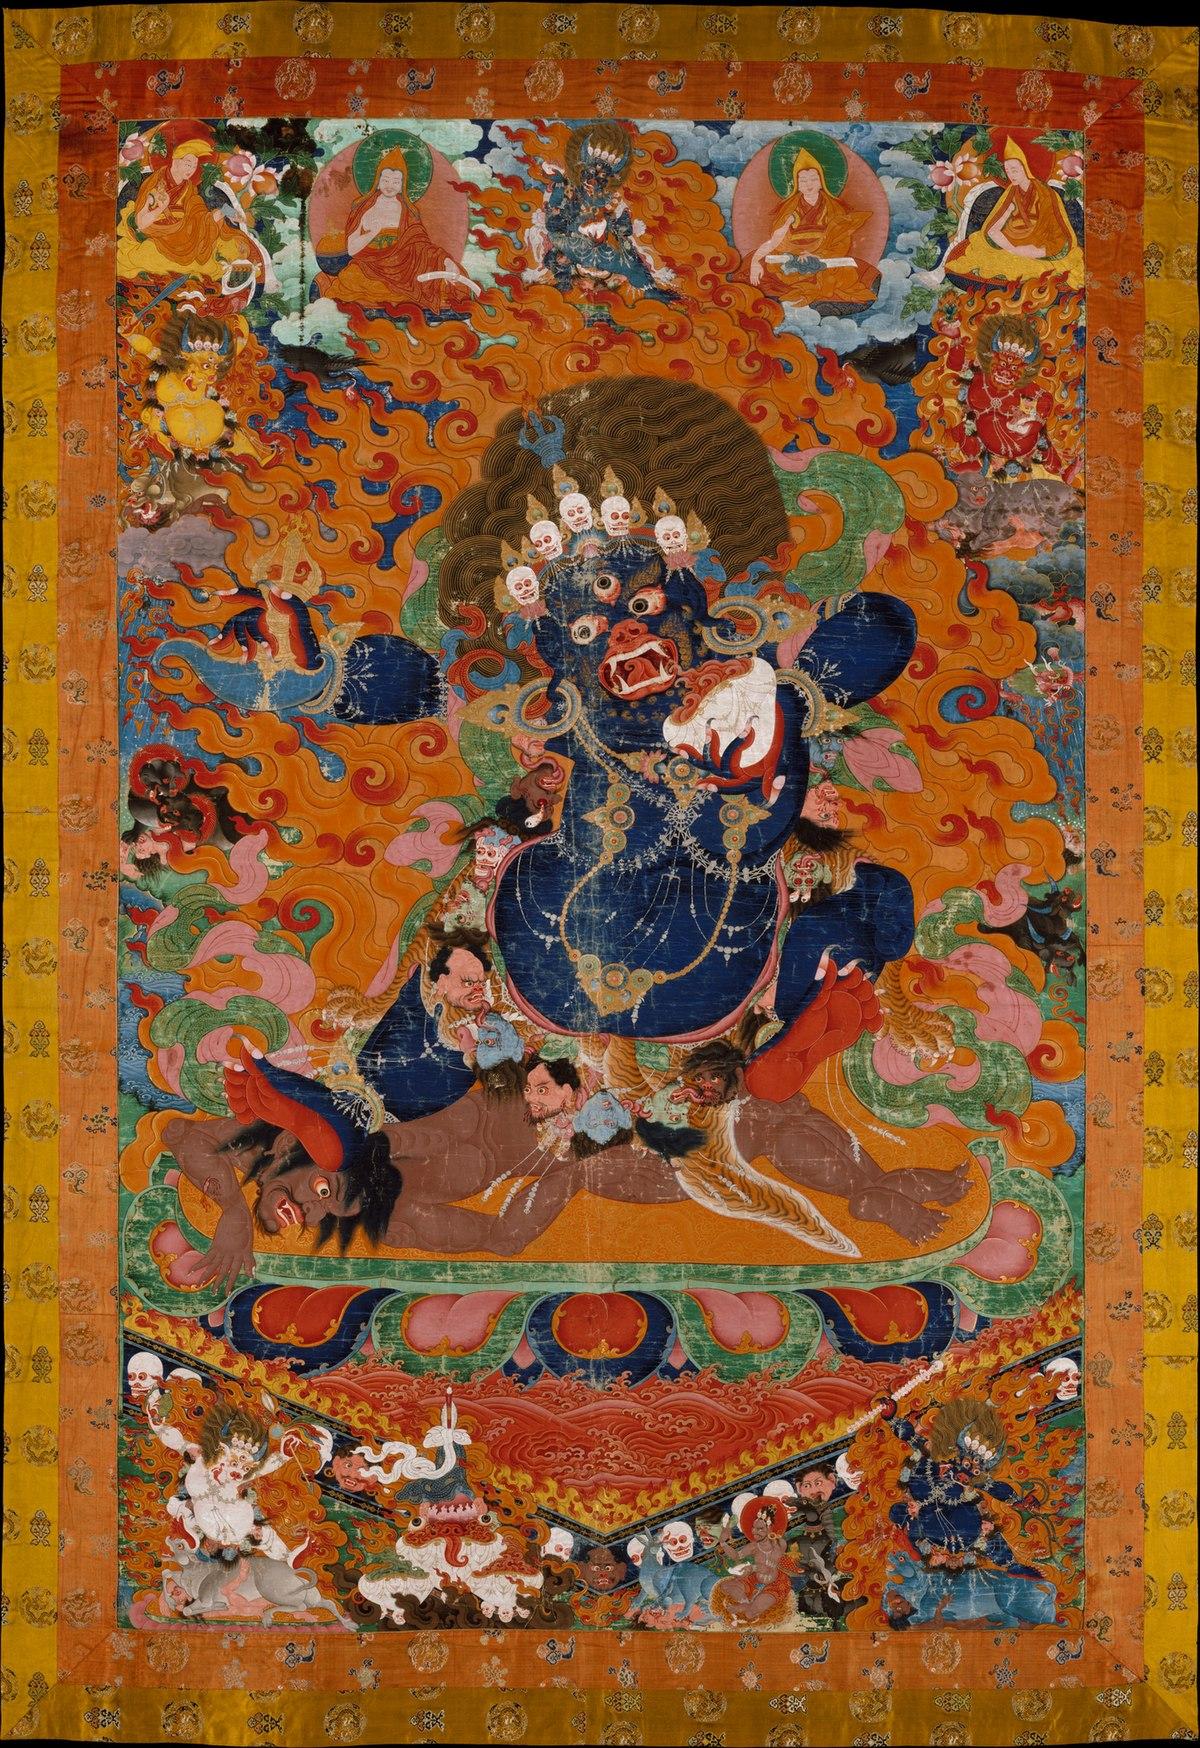 Libro tibetano de los muertos - Wikipedia, la enciclopedia